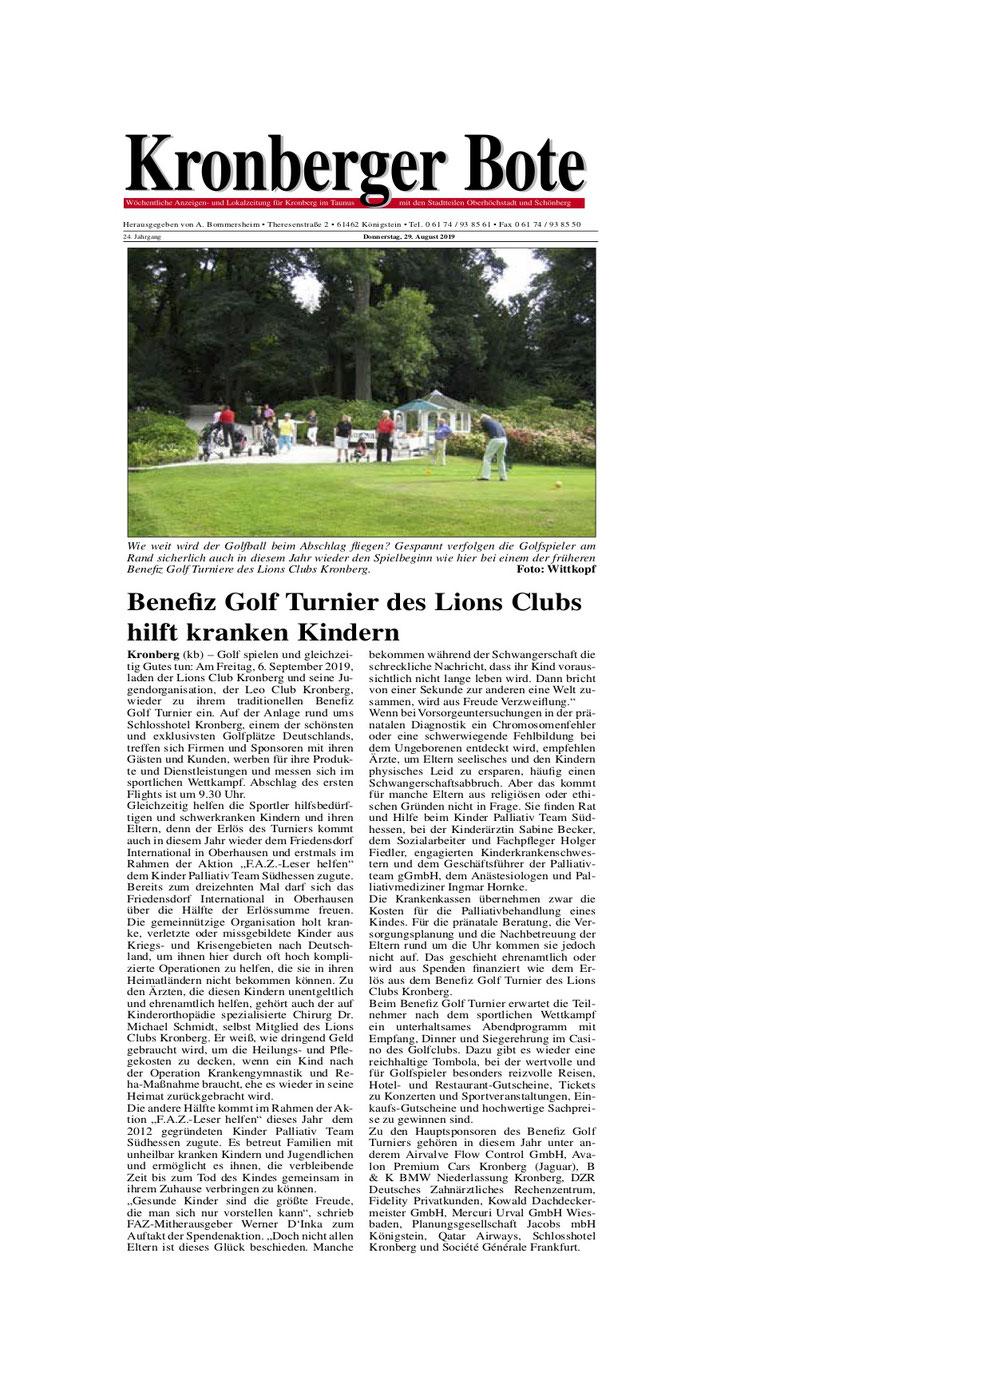 Kronberger Bote Artikel Benefiz Golf Turnier des Lions Clubs hilft kranken Kindern - Lions Kronberg